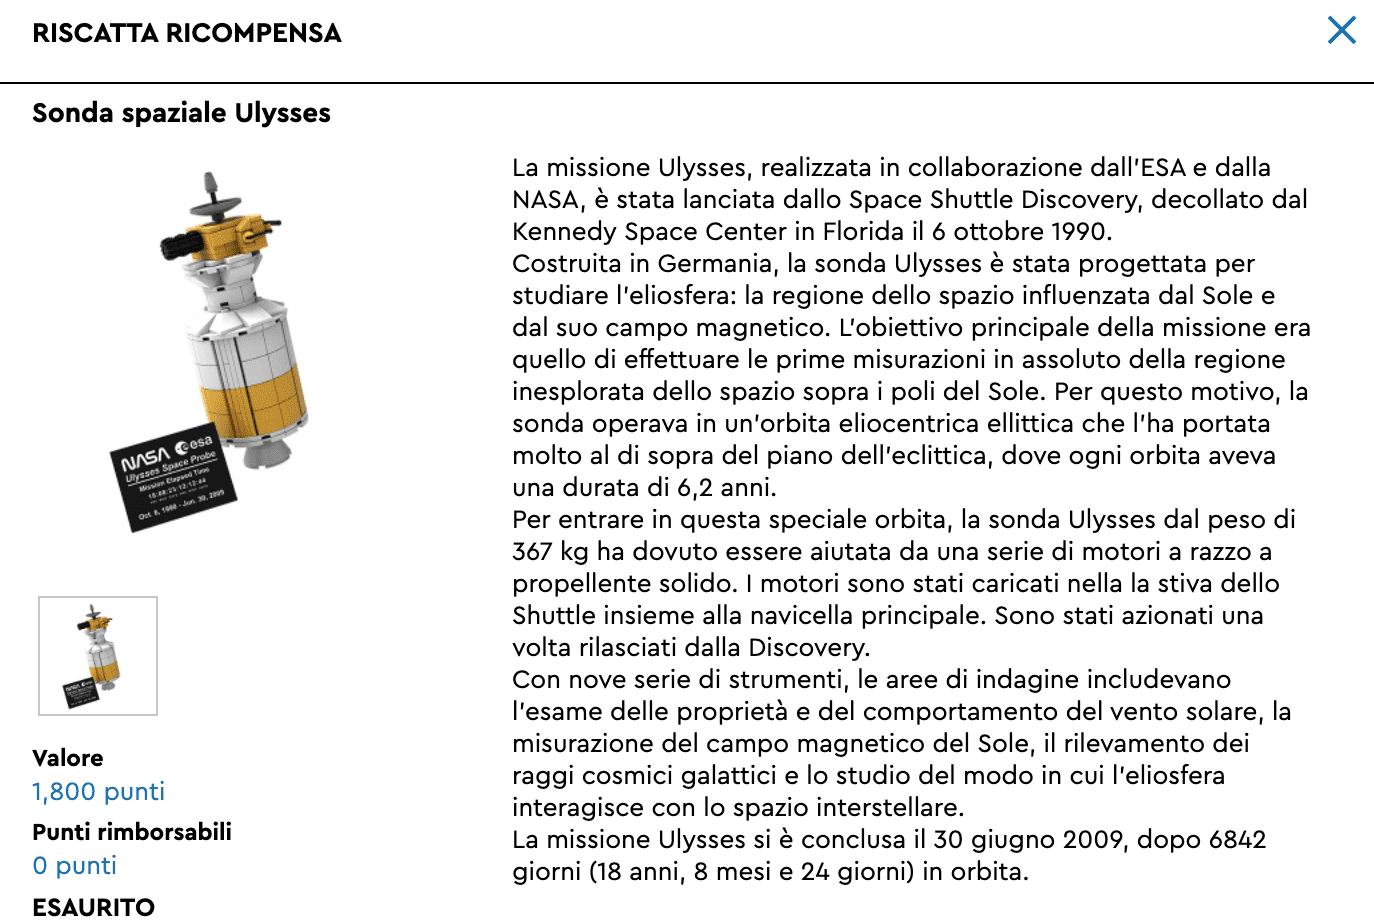 lego sonda ulysses